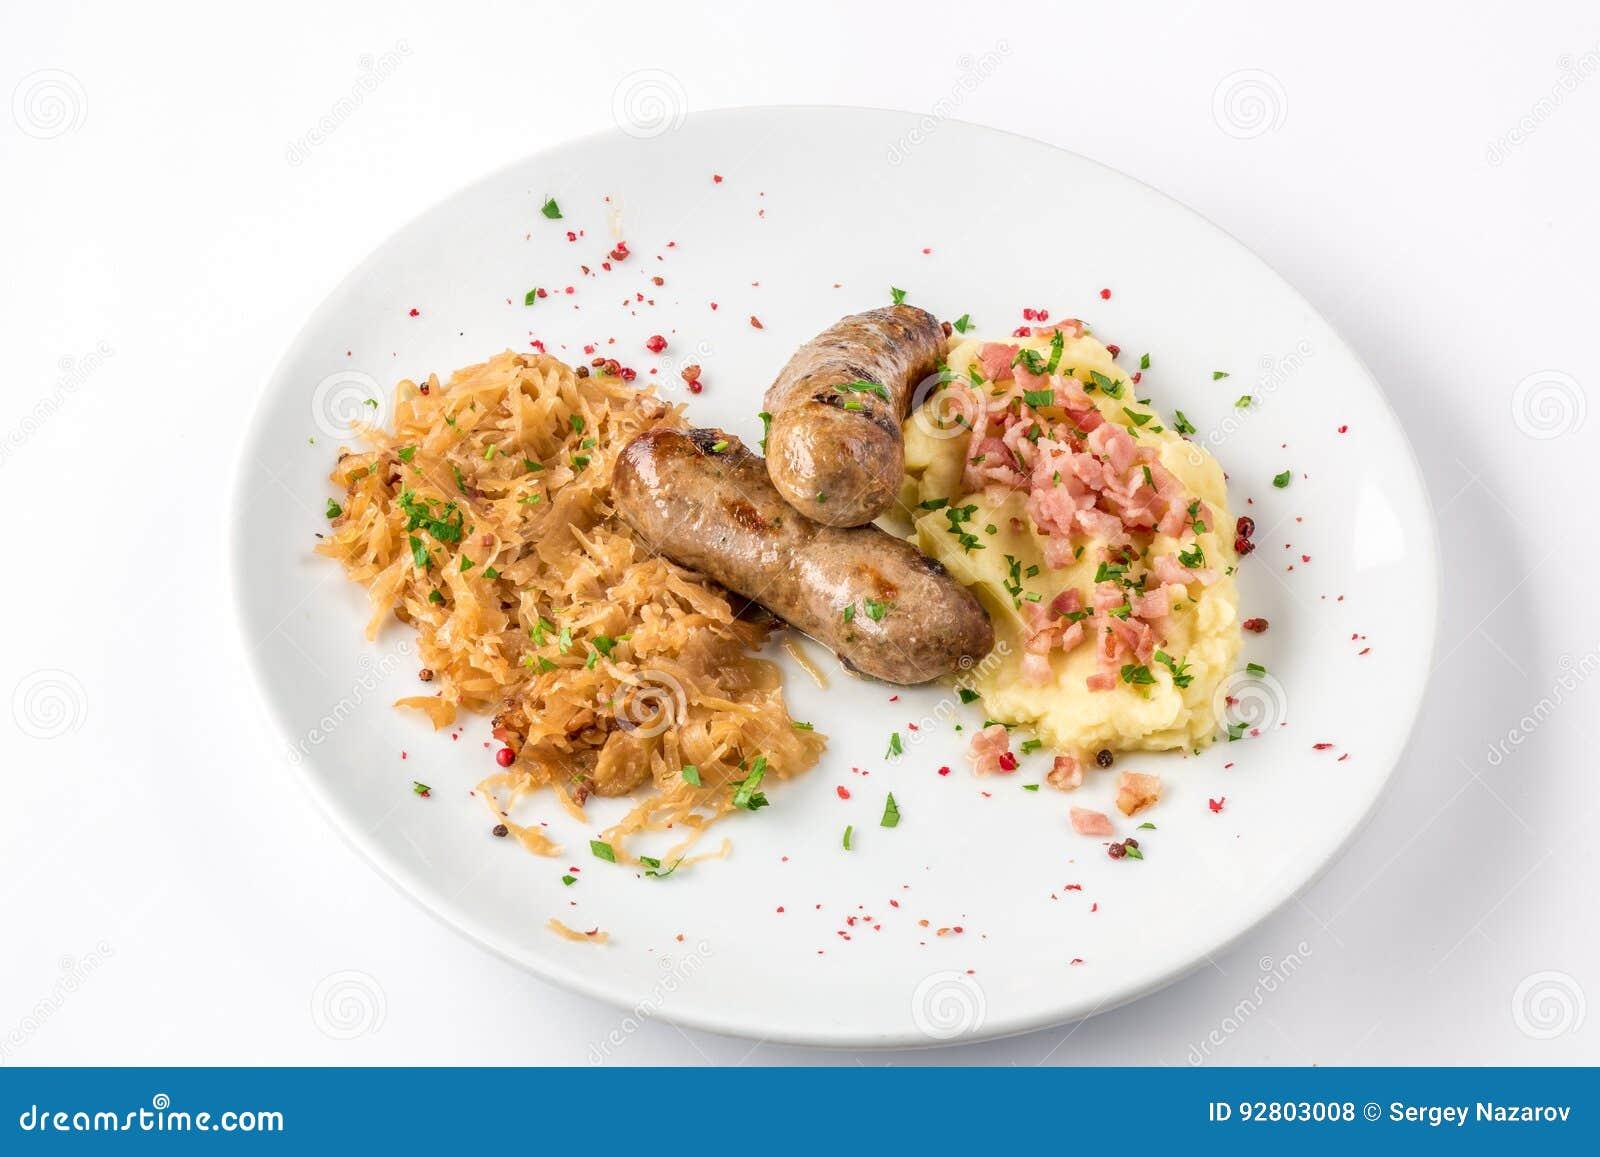 Salsichas grelhadas, batatas e couve assada na opinião branca do close-up da placa de cima de